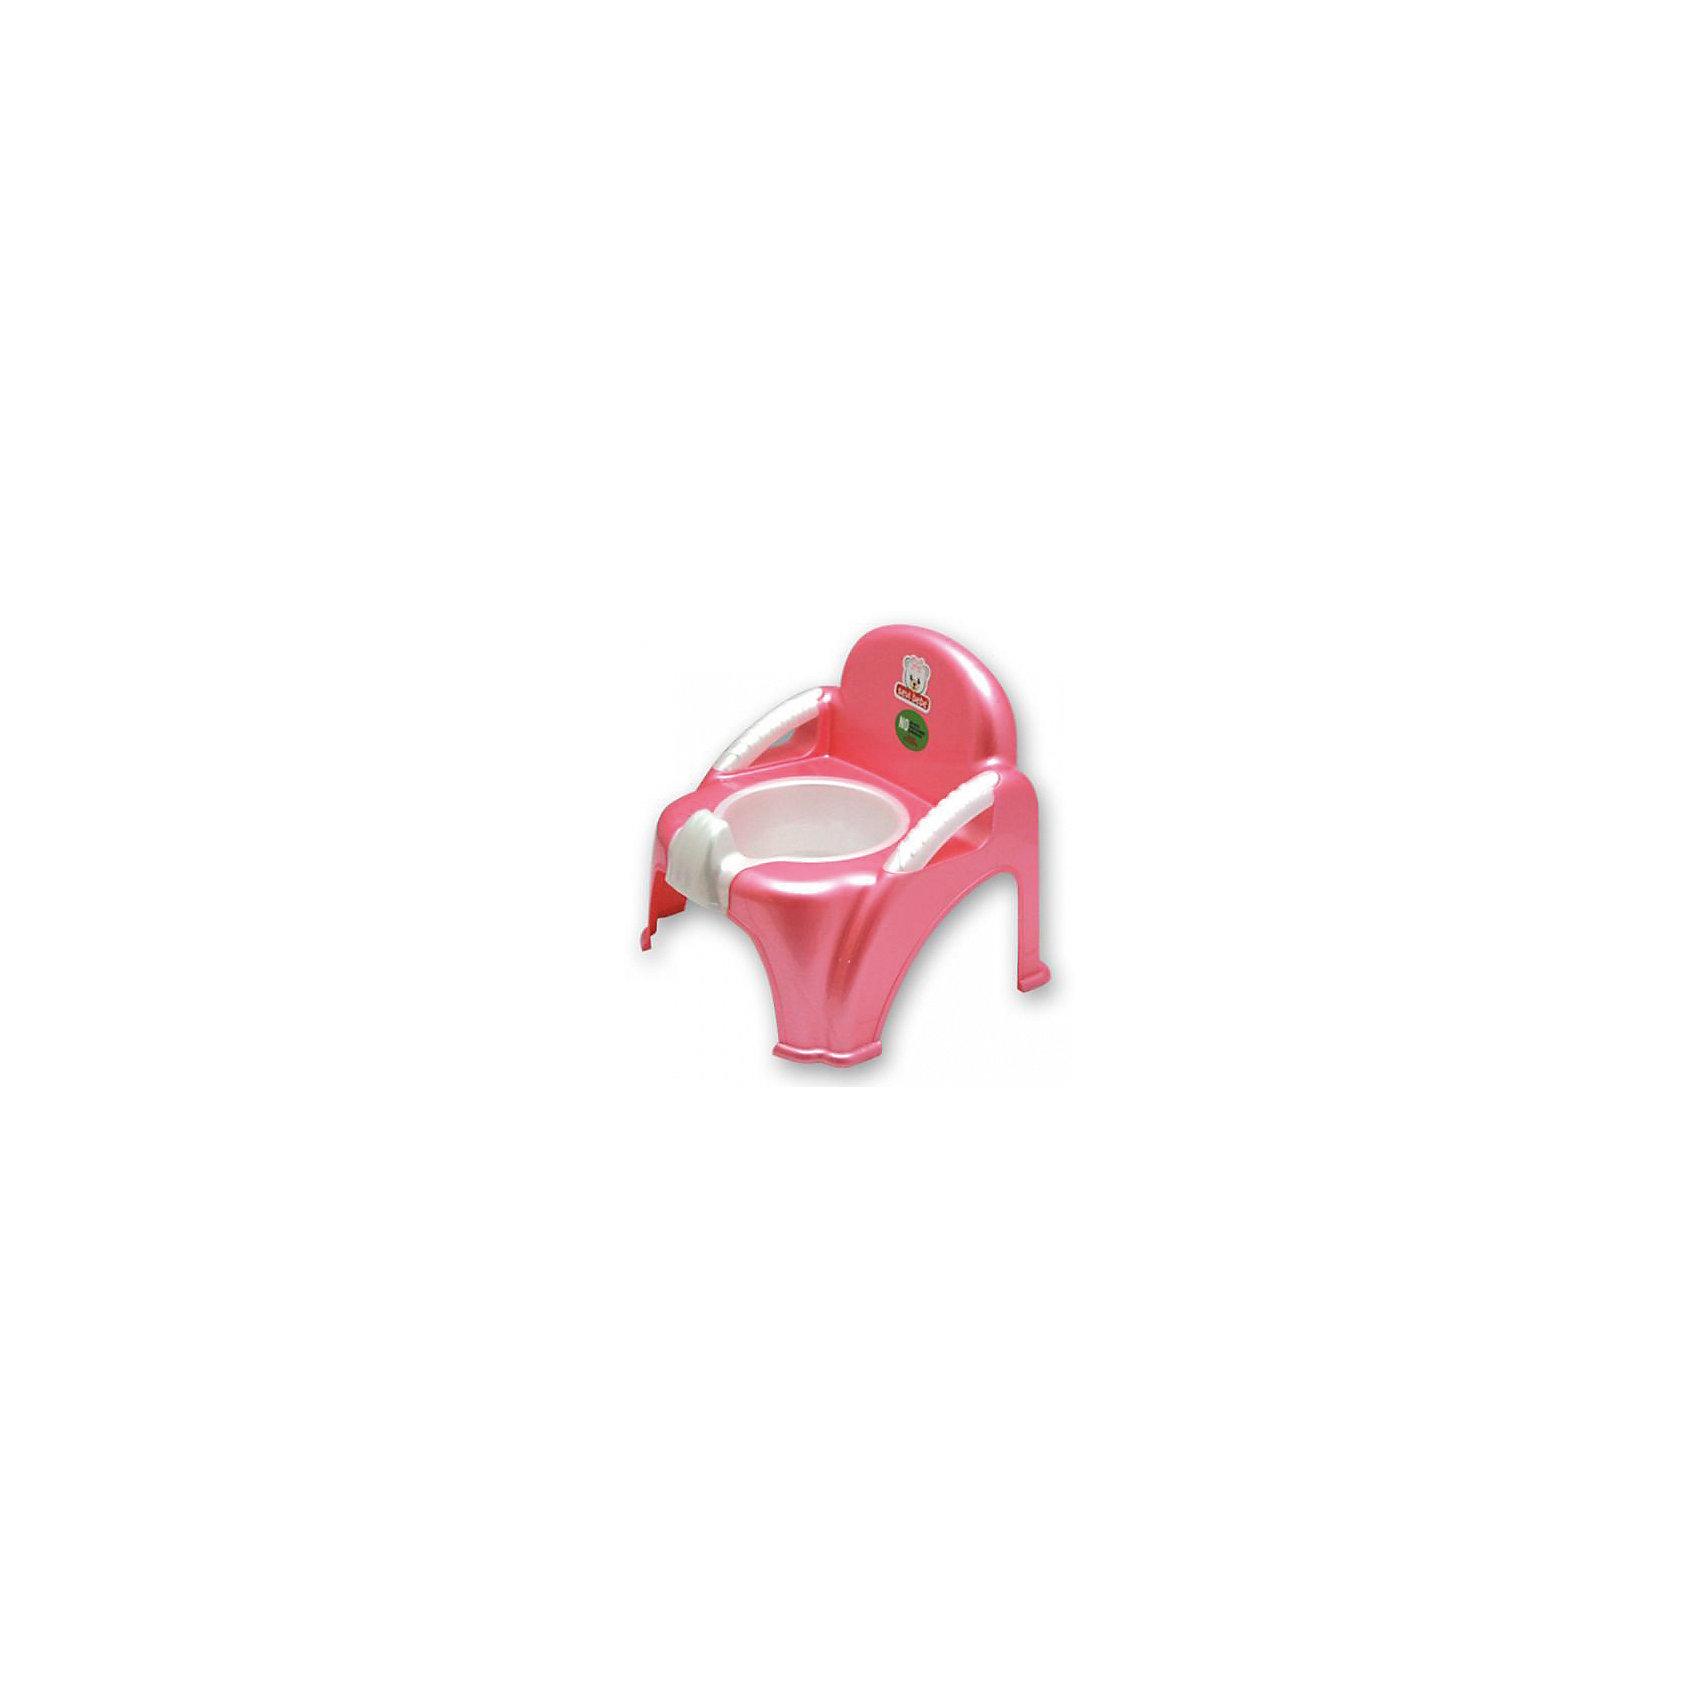 Горшок-стульчик Sevi baby, розовый